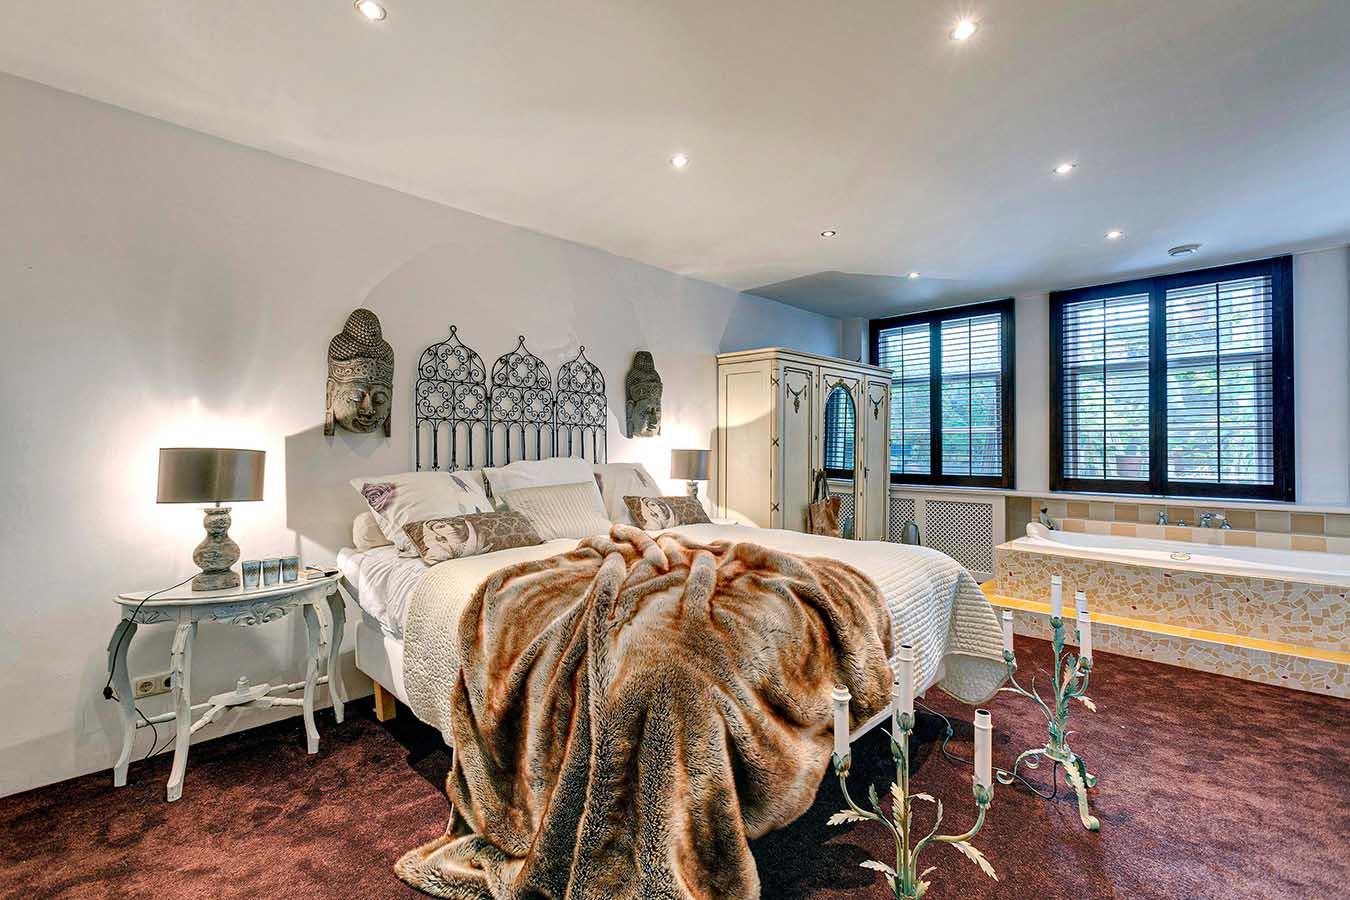 kitscherige slaapkamer